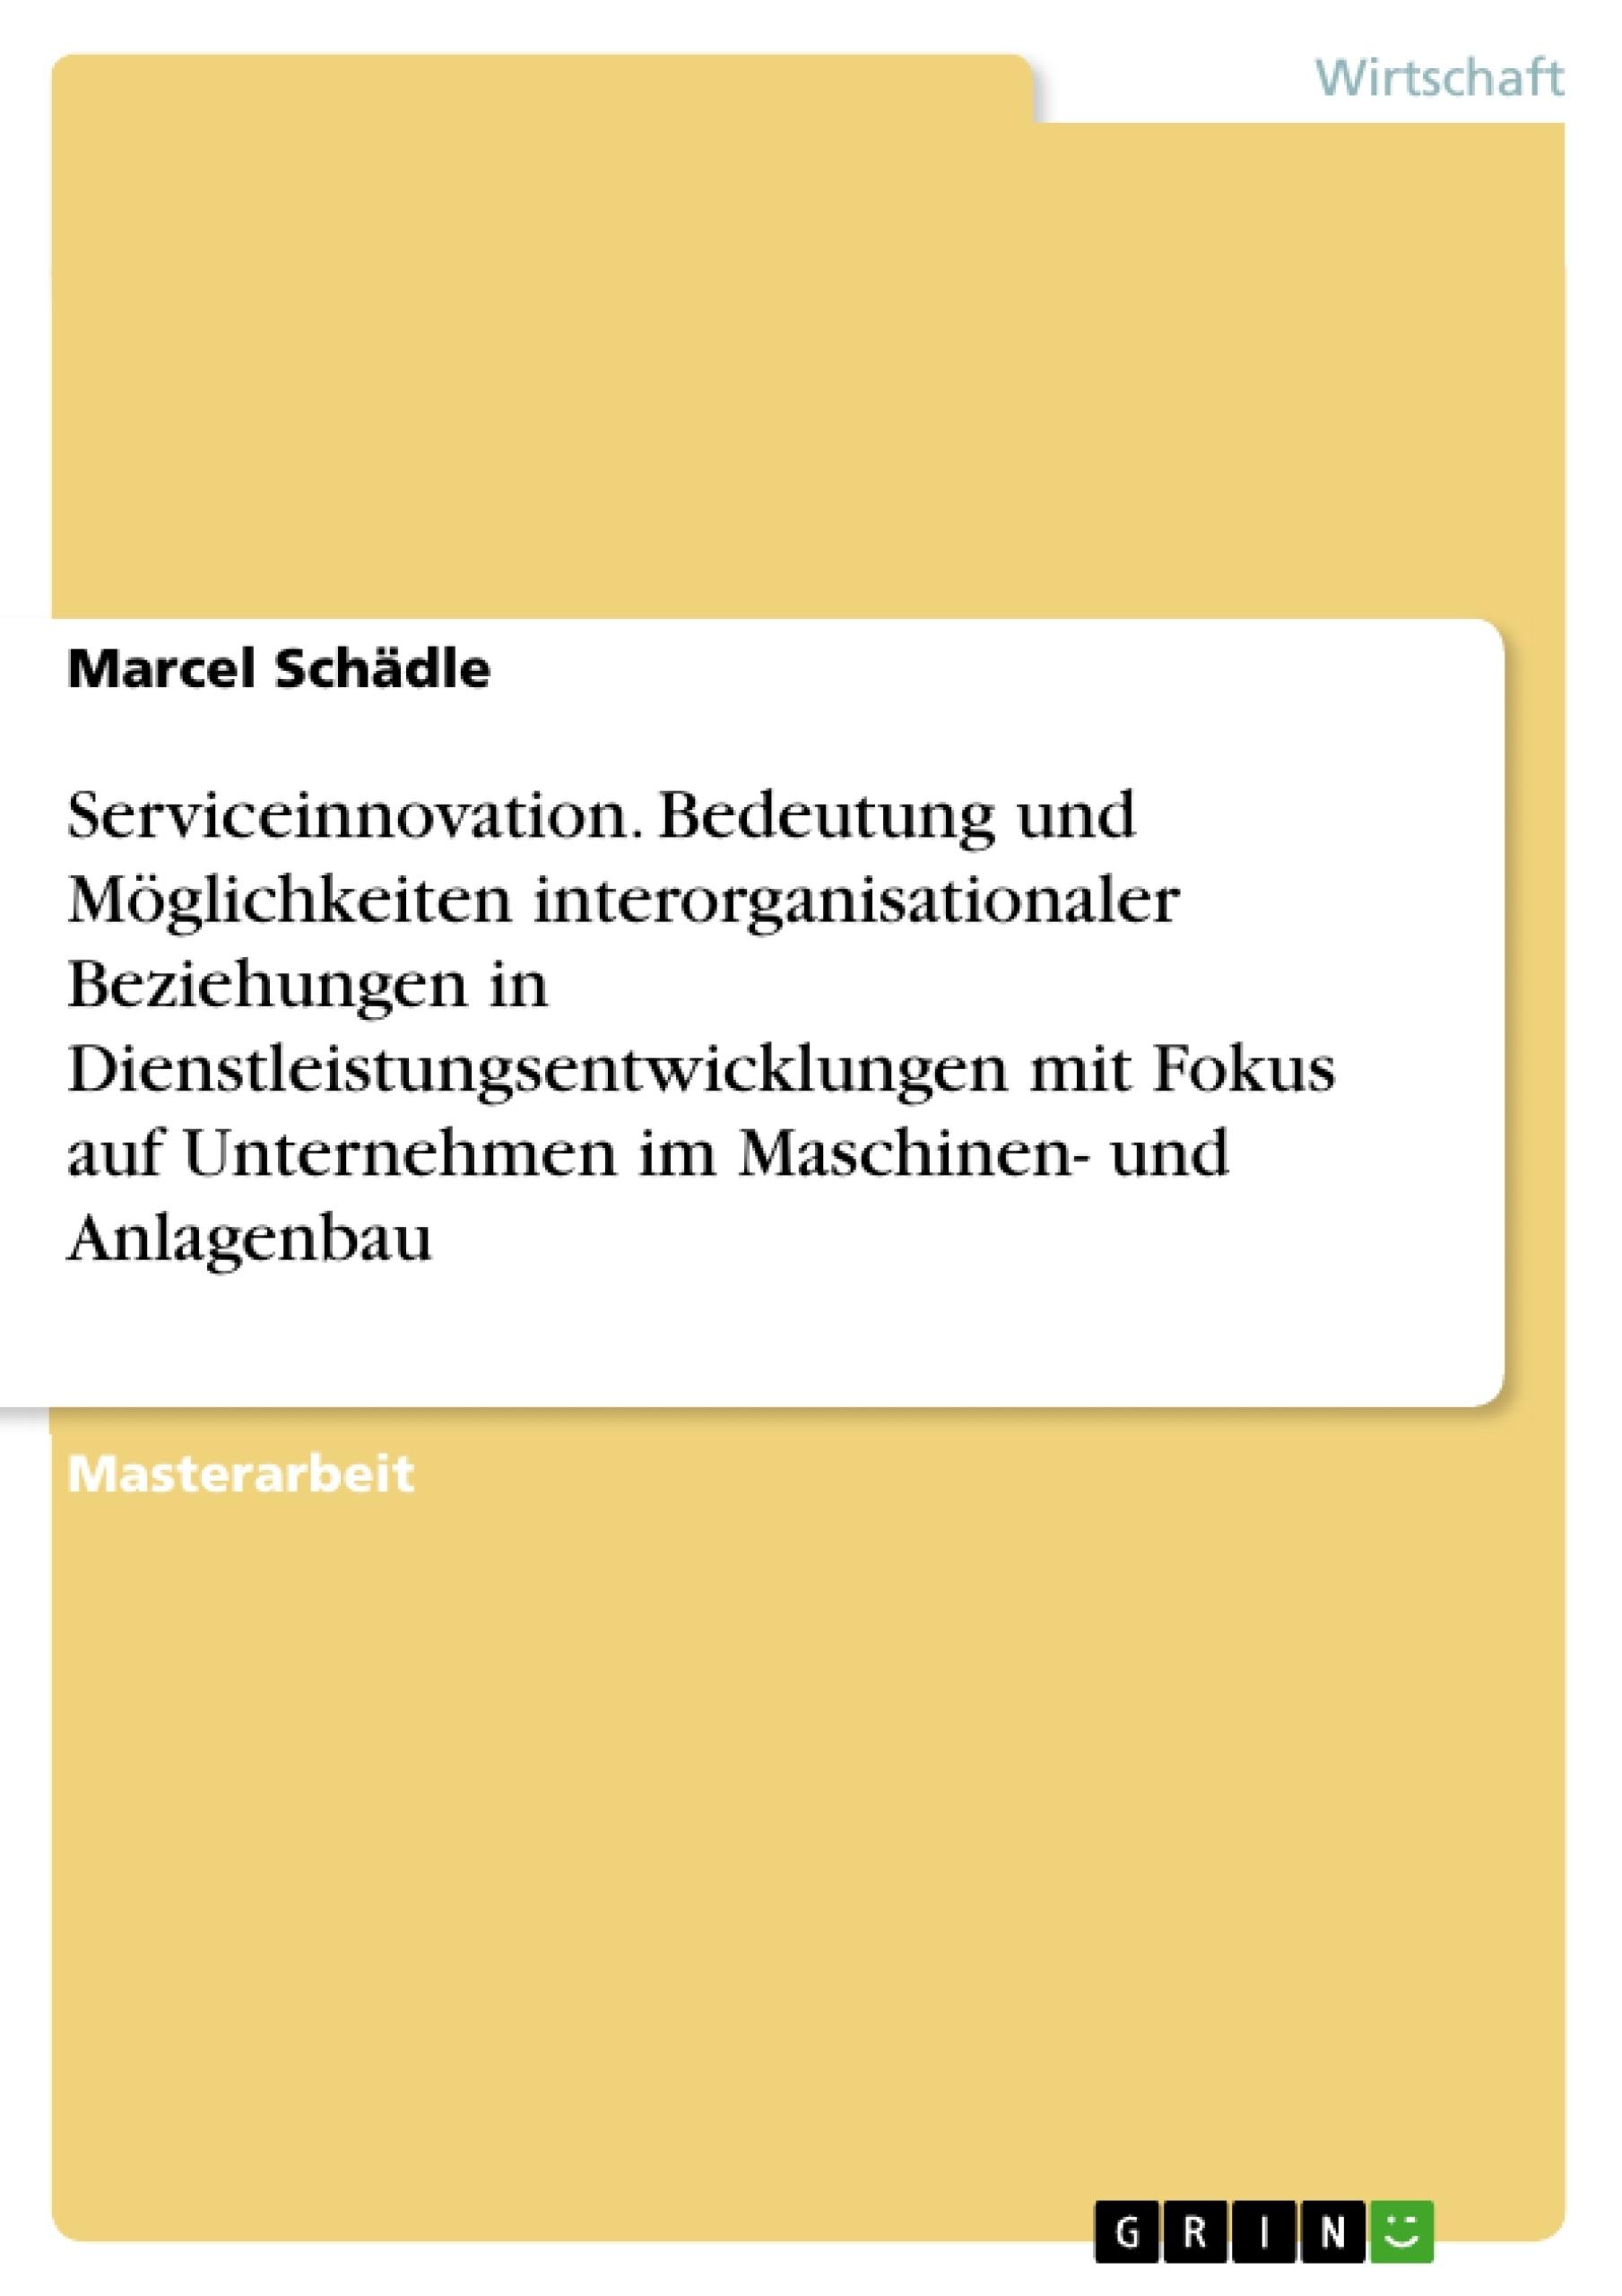 Titel: Serviceinnovation. Bedeutung und Möglichkeiten interorganisationaler Beziehungen in Dienstleistungsentwicklungen mit Fokus auf Unternehmen im Maschinen- und Anlagenbau